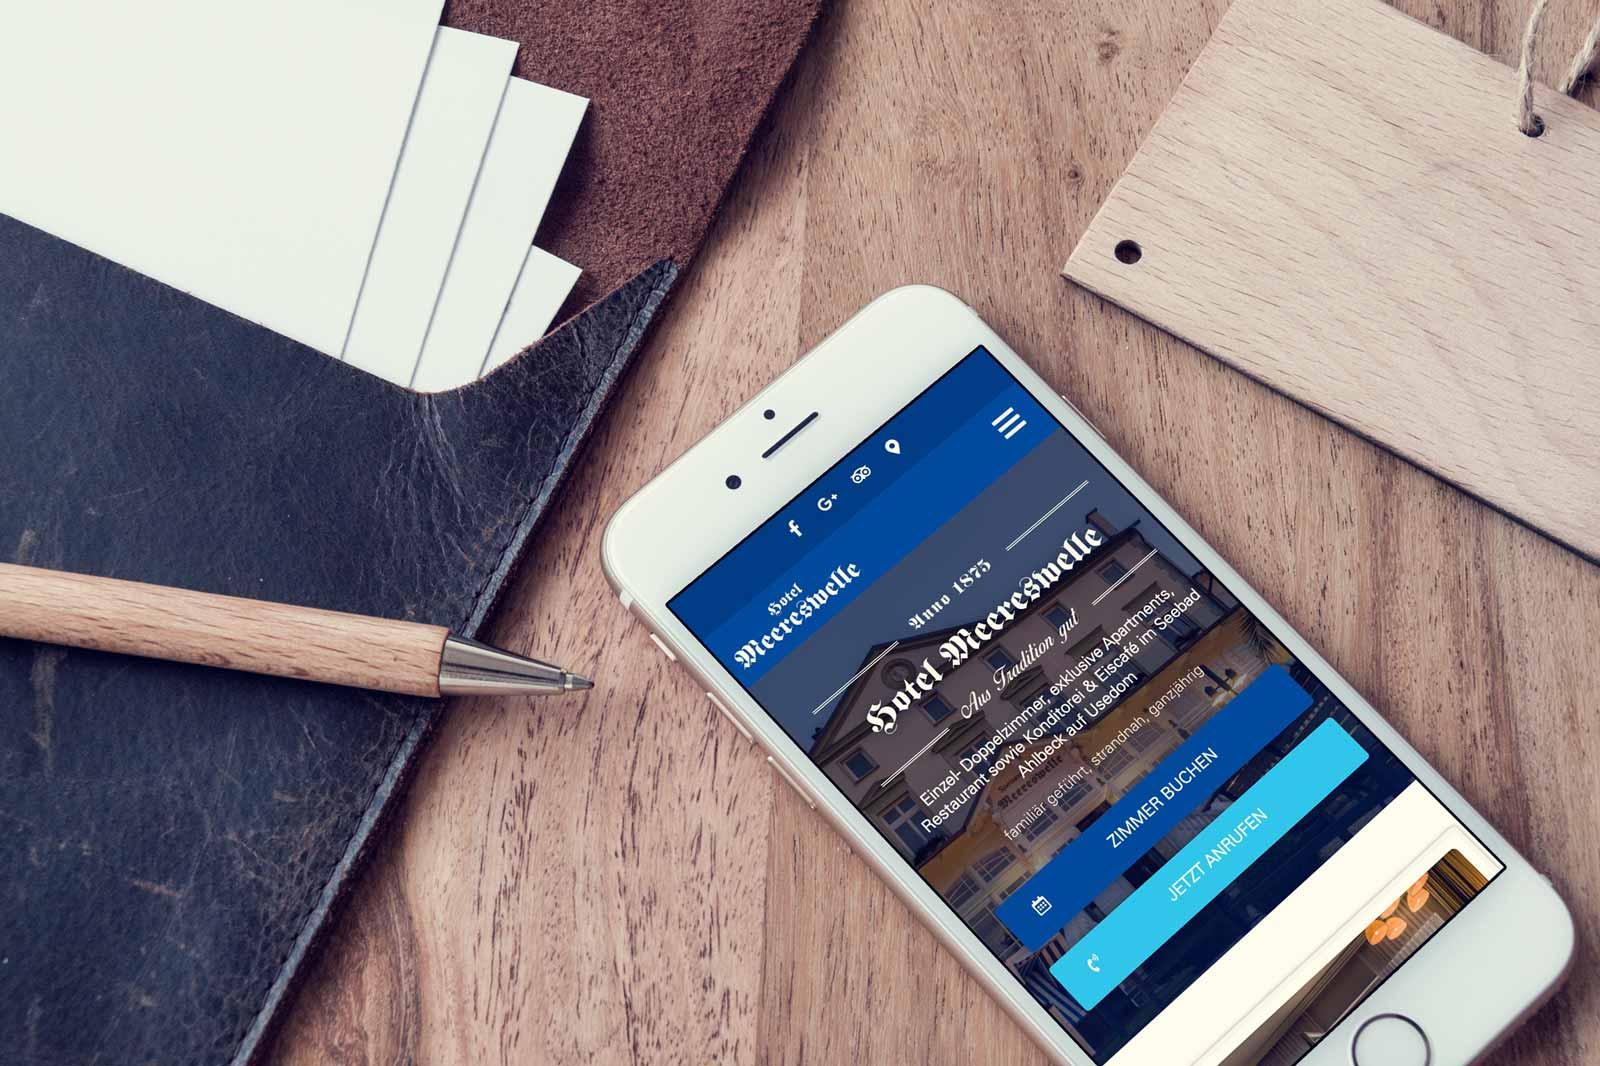 Hotel Webseite auf Mobiltelefon